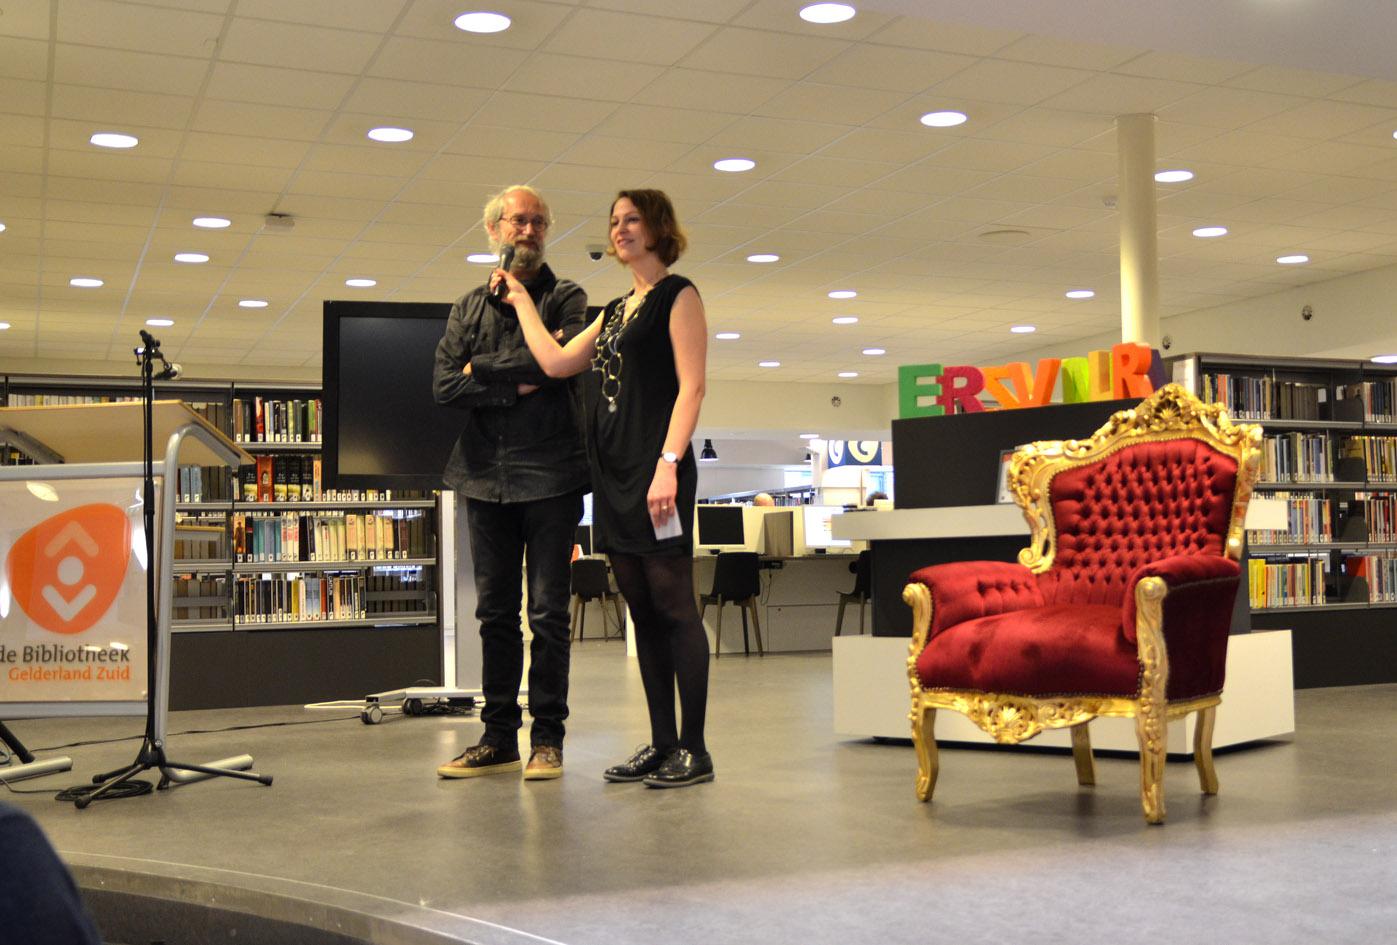 Uitreiking van de onderscheiding op 13 december 2015 in de Centrale Bibliotheek, Nijmegen.